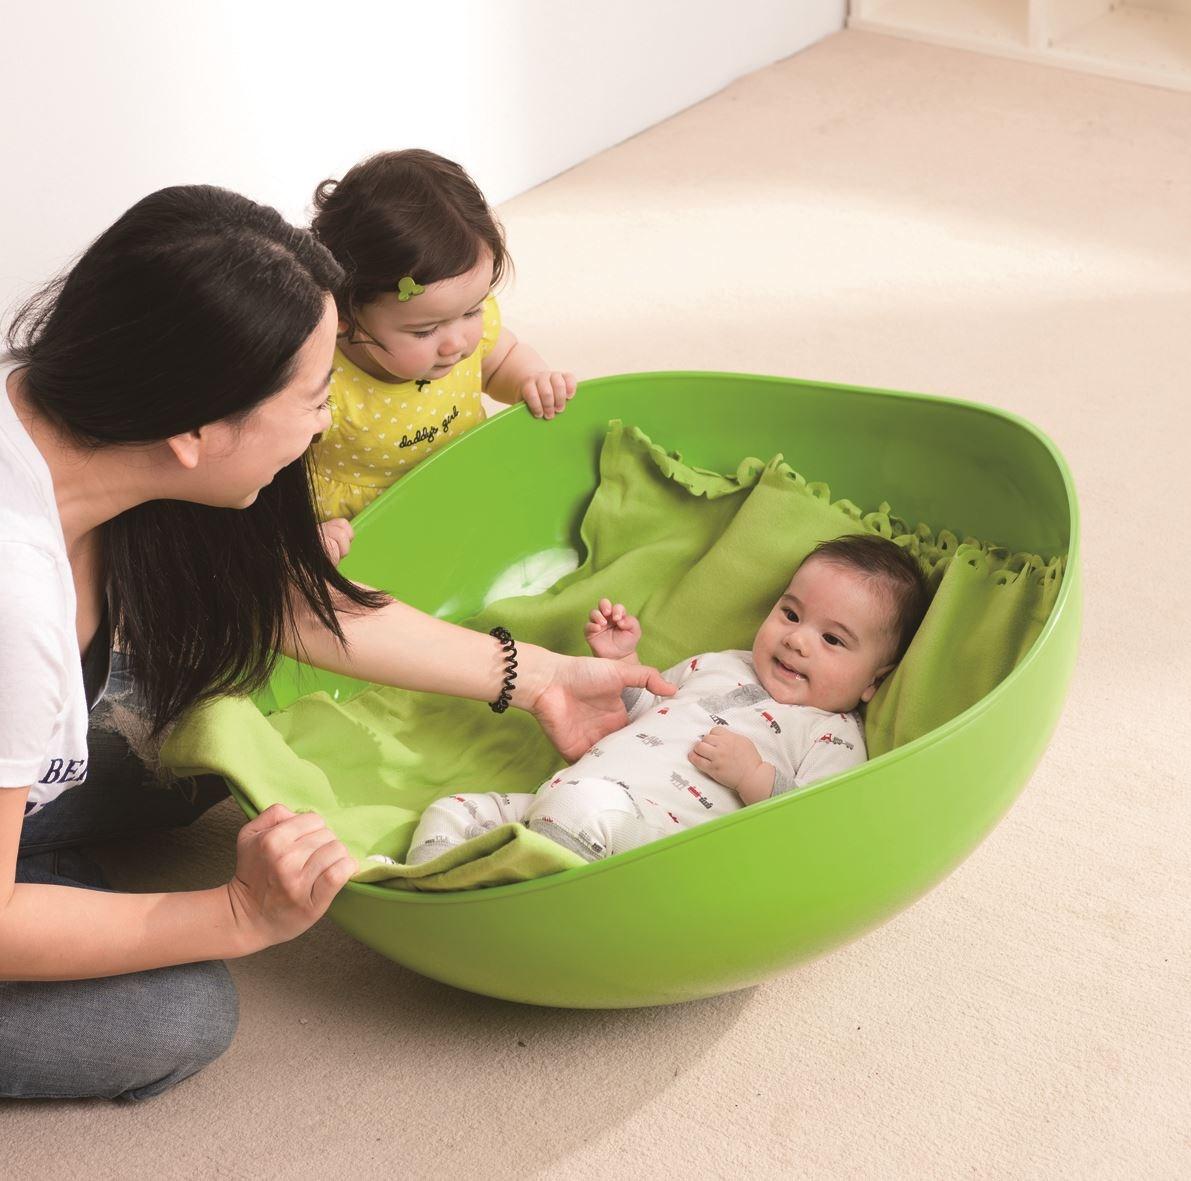 【搖滾陀螺】6個月大幼兒促進前庭平衡發展與肢體動作的協調度。